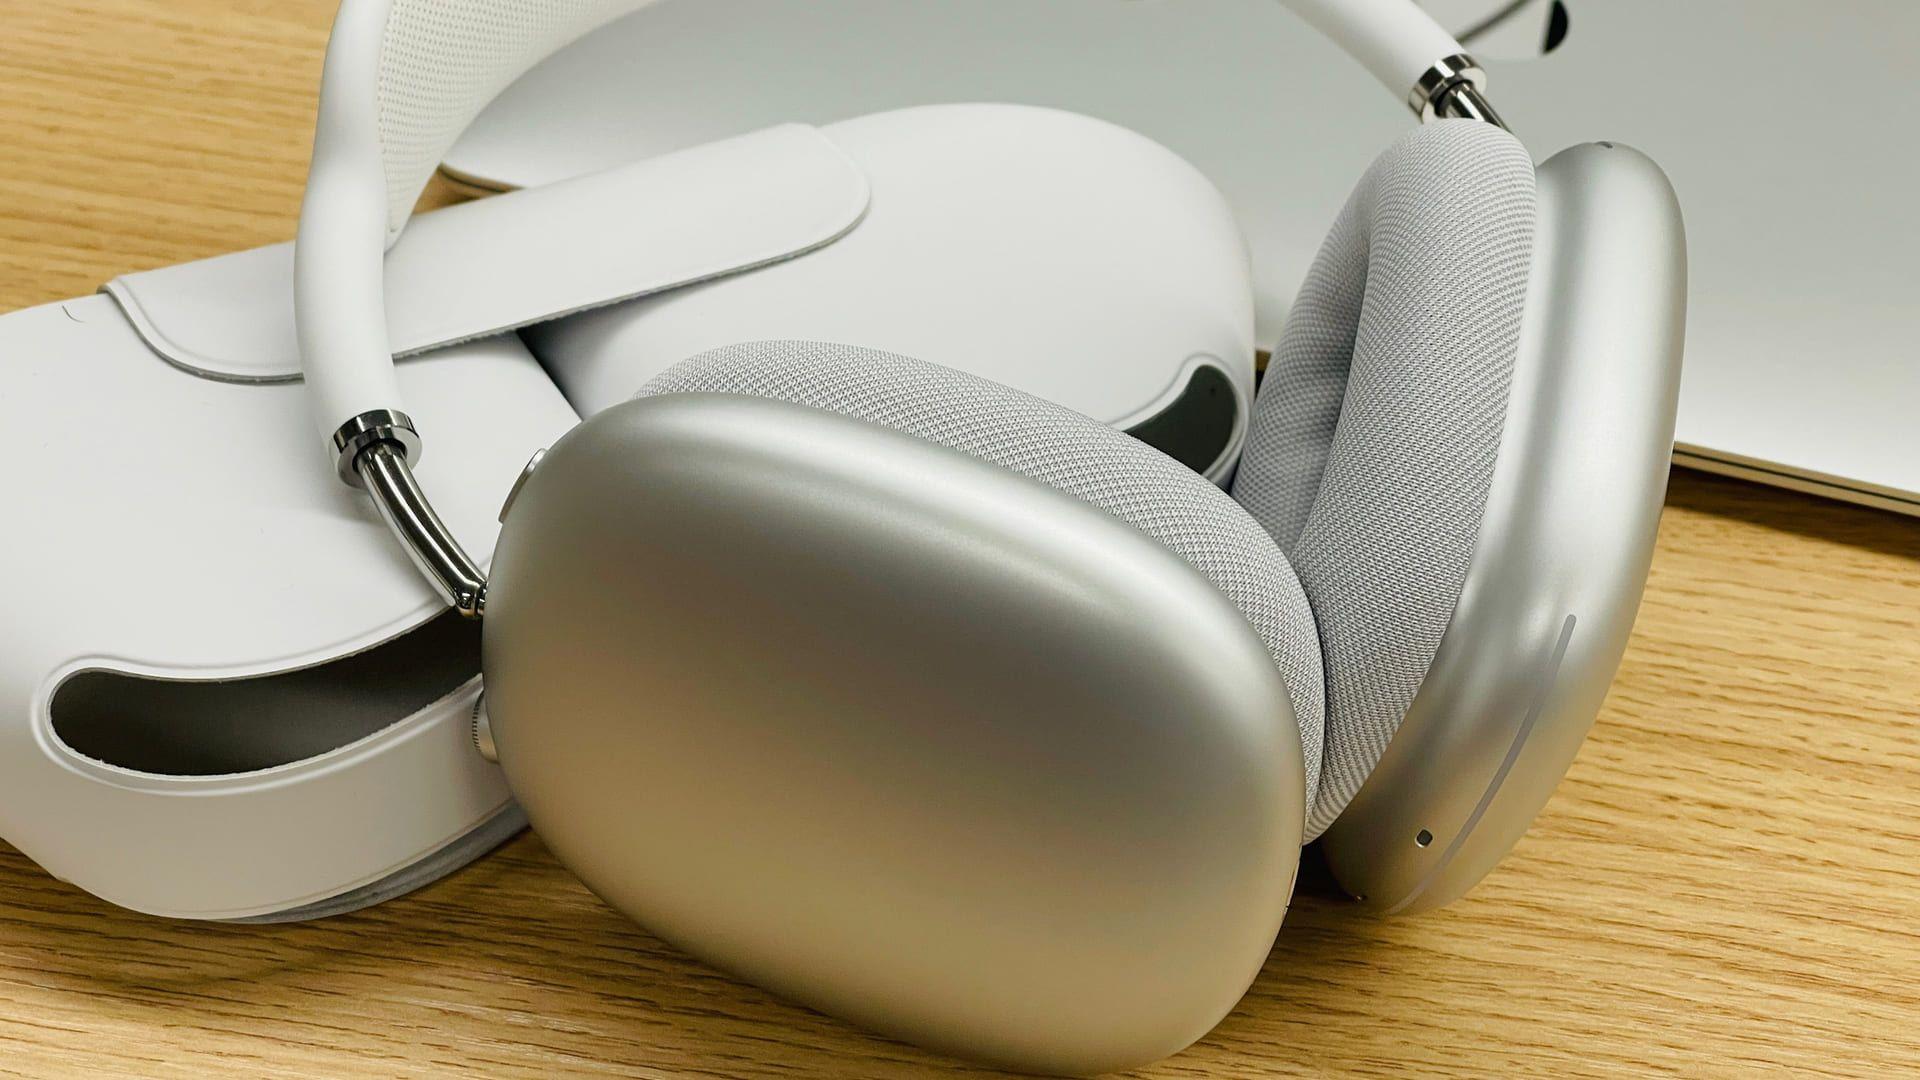 Fone da Apple AirPods Max tem case que mantém carga. (Foto: Shutterstock)